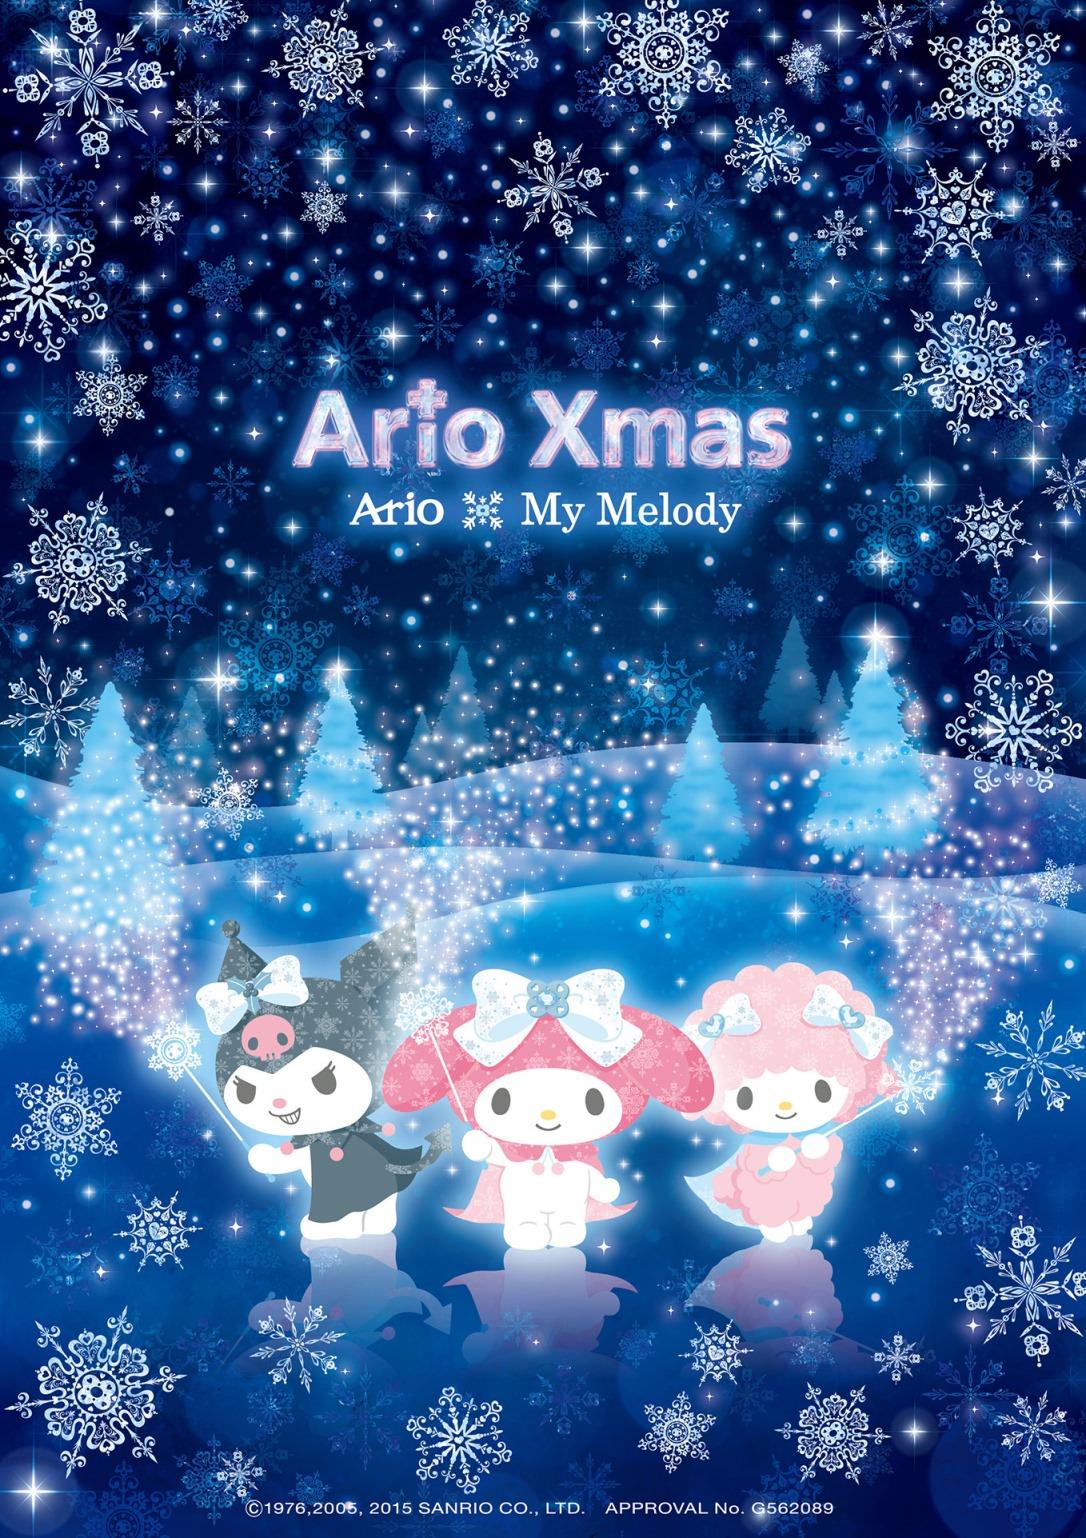 15年のアリオのクリスマスは サンリオの人気キャラクター マイメロディ とのコラボレーション 株式会社 イトーヨーカ堂のプレスリリース